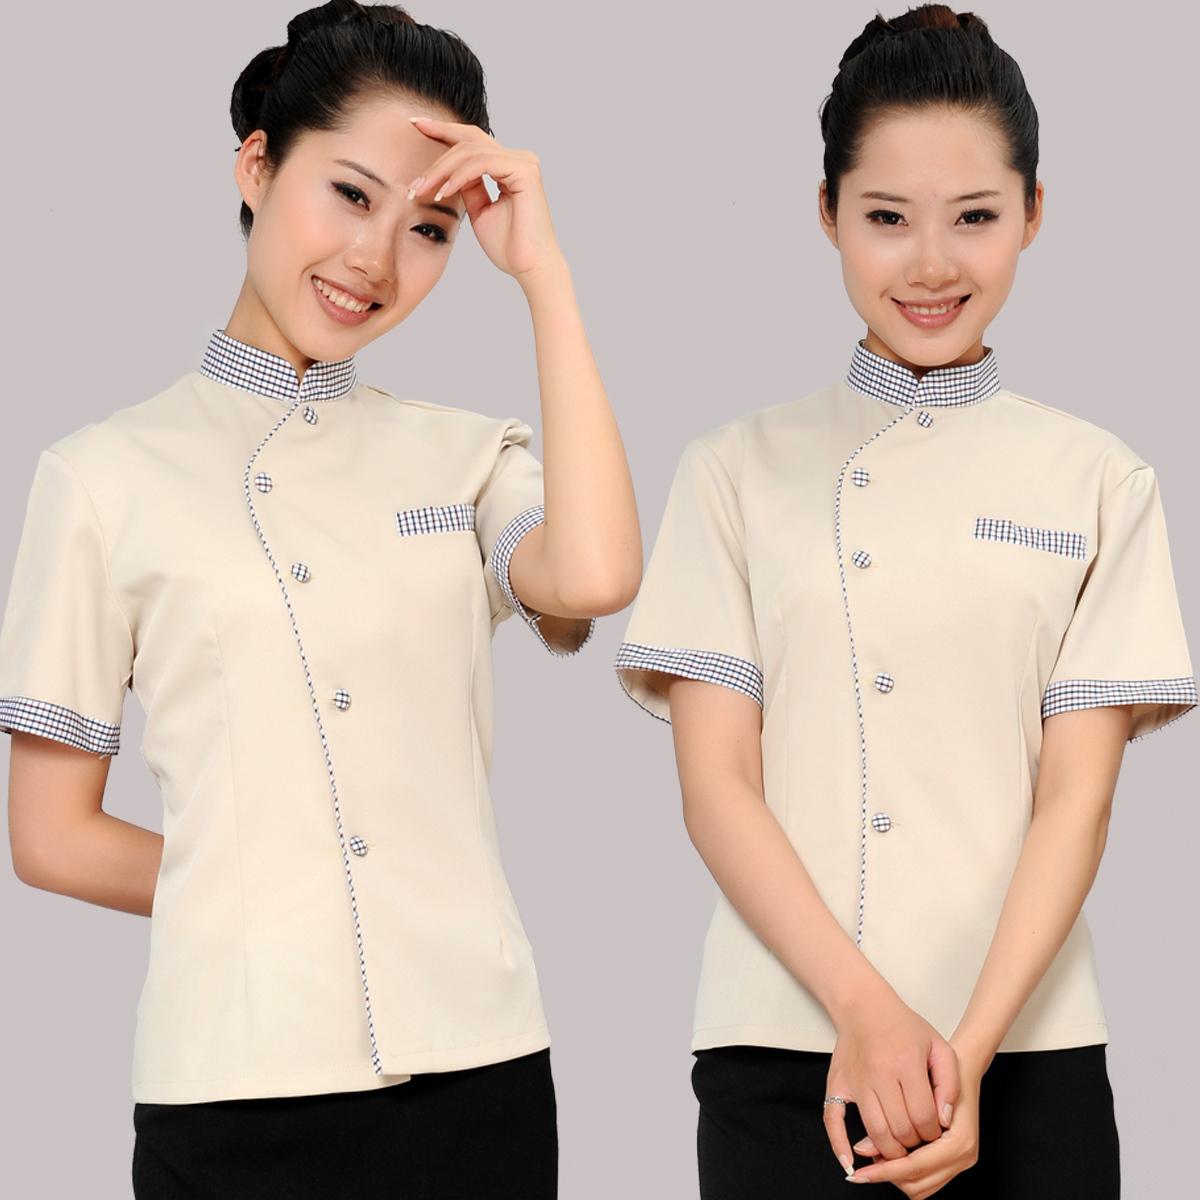 Server Uniforms 22